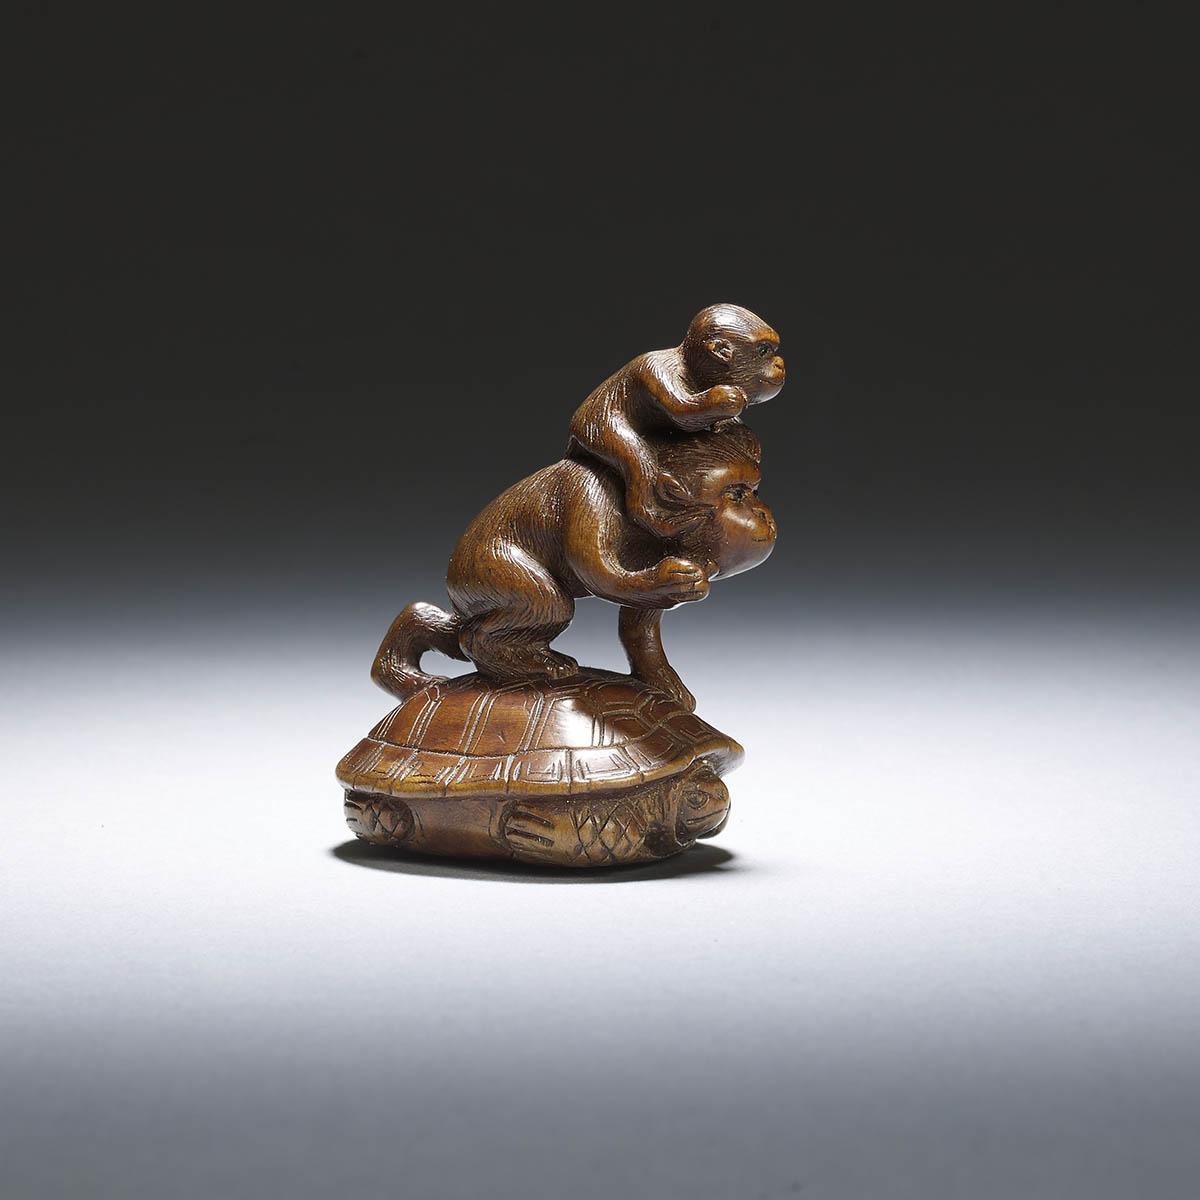 Sogetsu, wood netsuke of two monkeys on a turtle